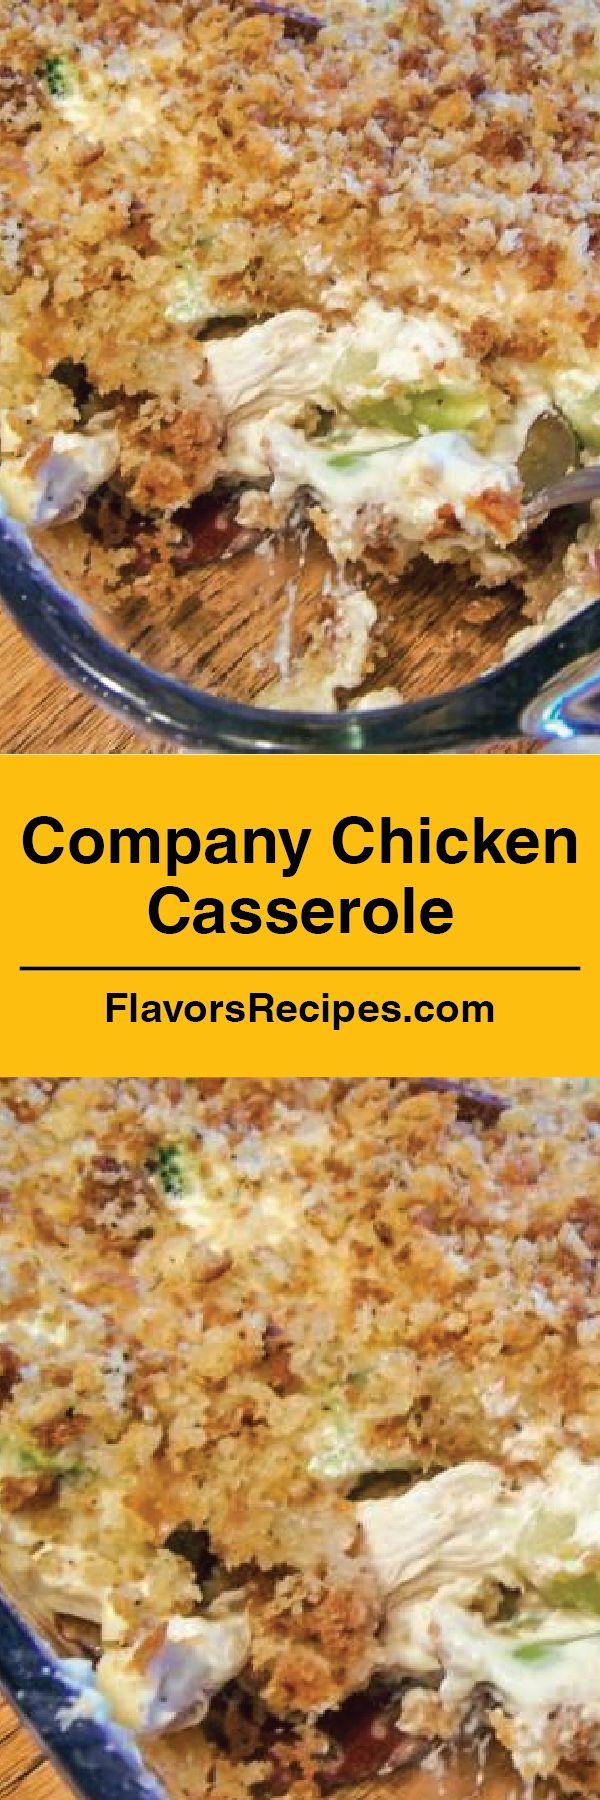 Company Chicken Casserole Flavors Recipes Chicken Recipes Main Dish Recipes Chicken Recipes Casserole